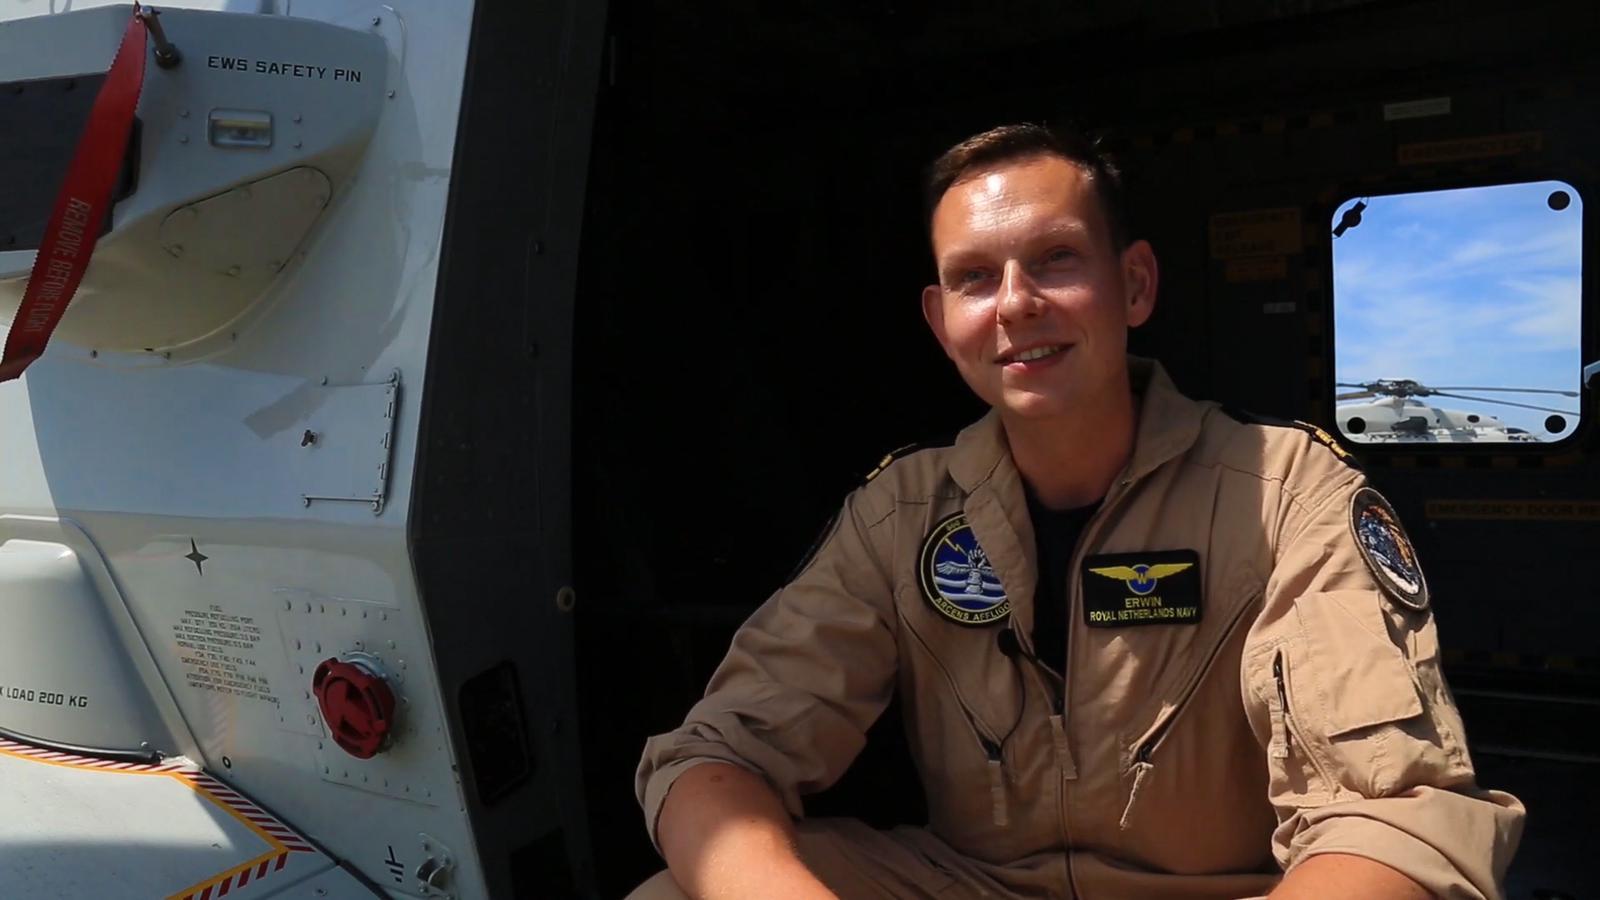 Luitenant ter zee der tweede klasse oudste categorie, Erwin Warnies, is een van de omgekomen bemanningsleden van de gecrashte helikopter bij Aruba.